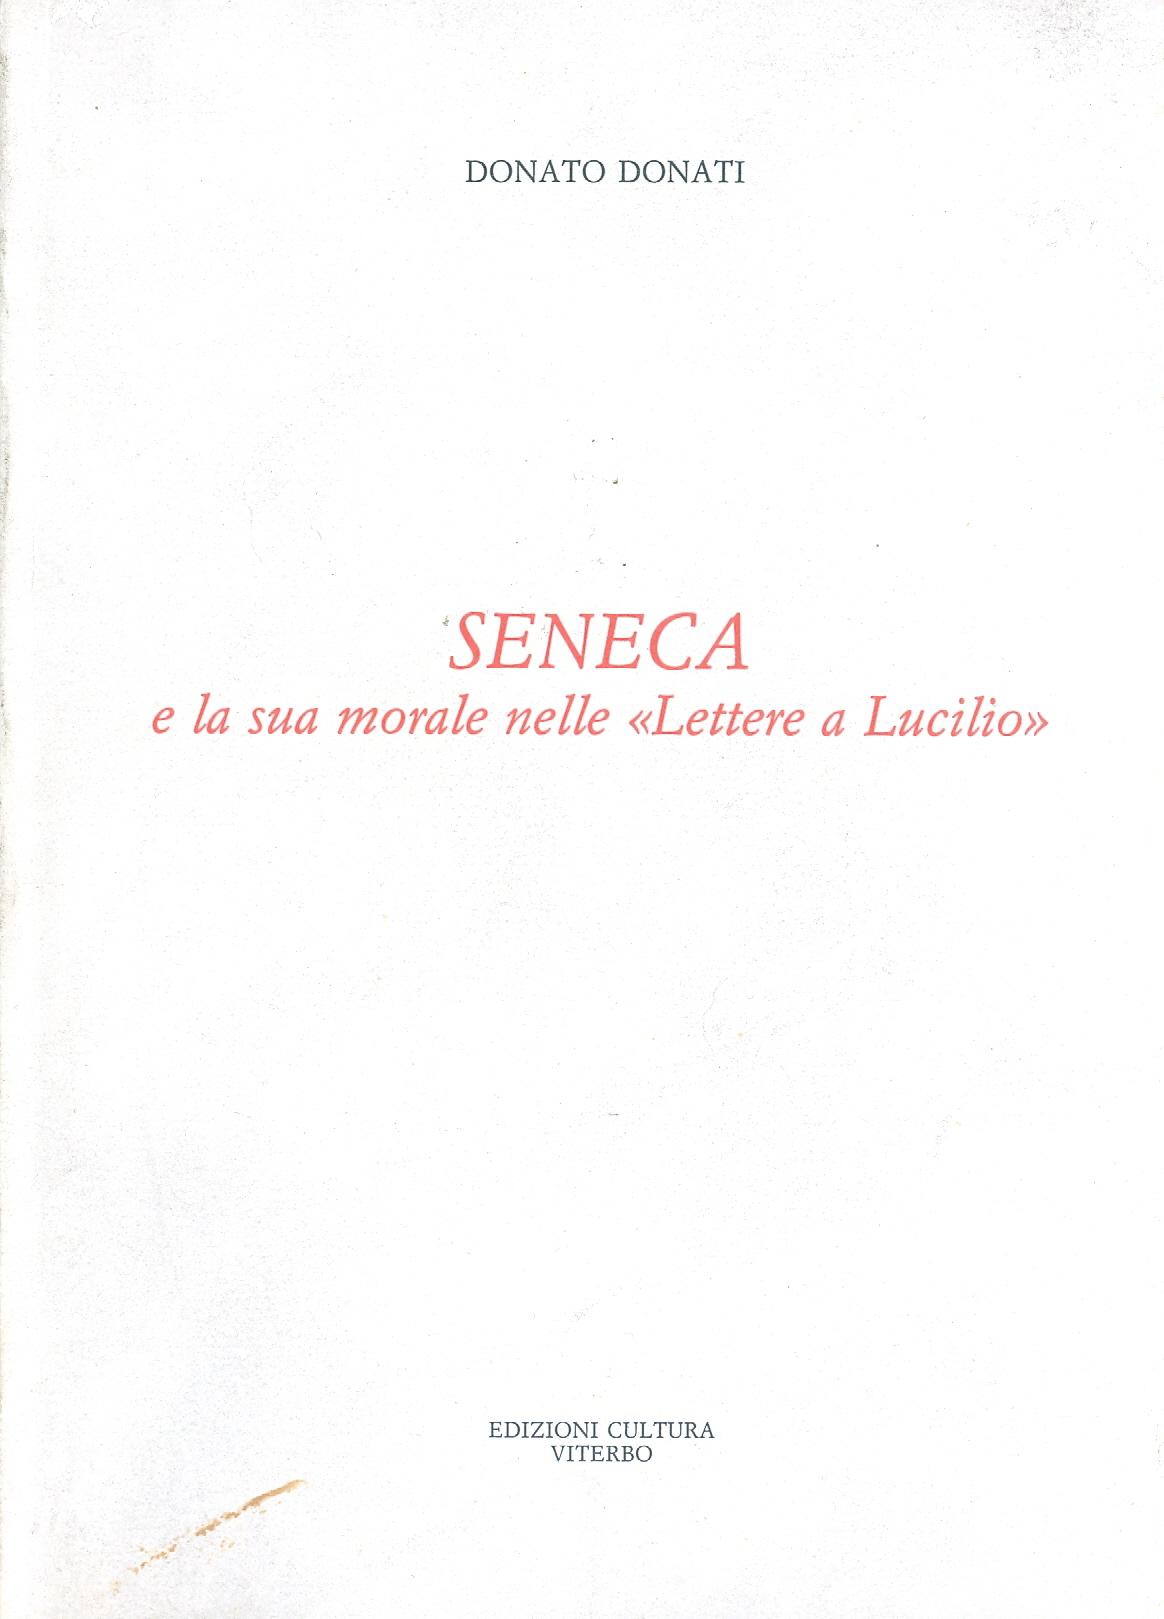 Seneca e la sua morale nelle Lettere a Lucilio